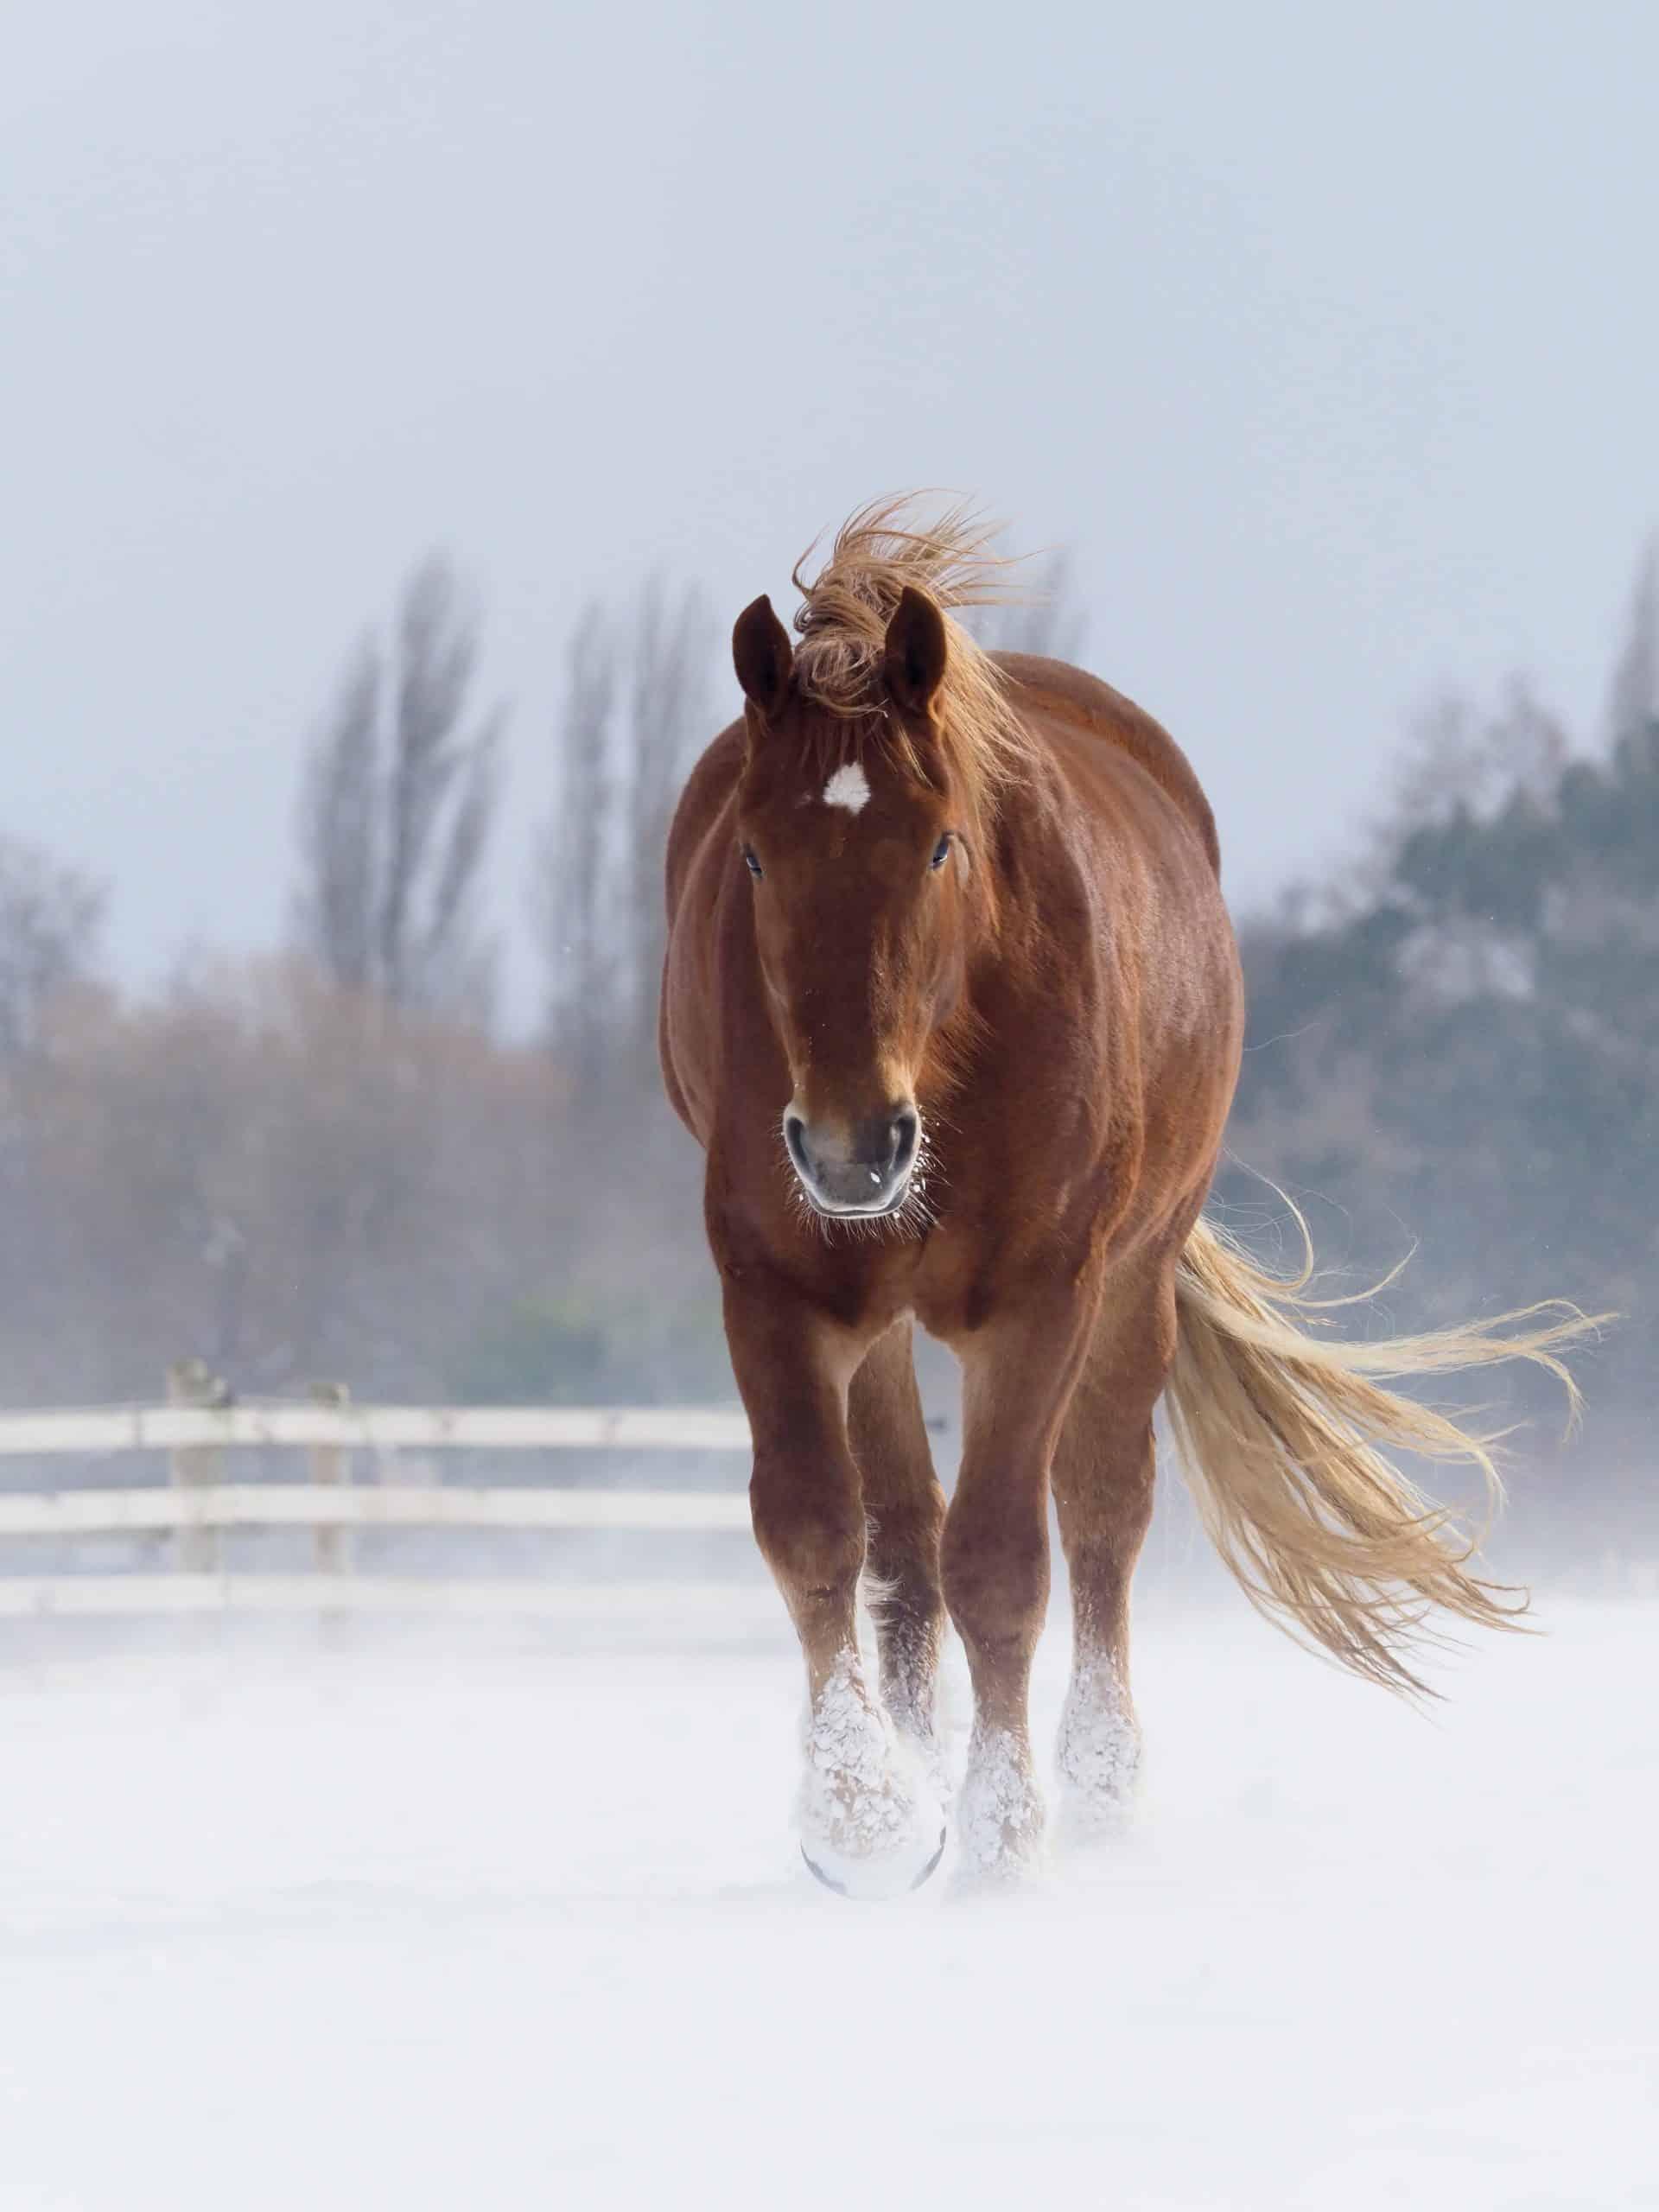 most endangered horse breeds suffolk punch